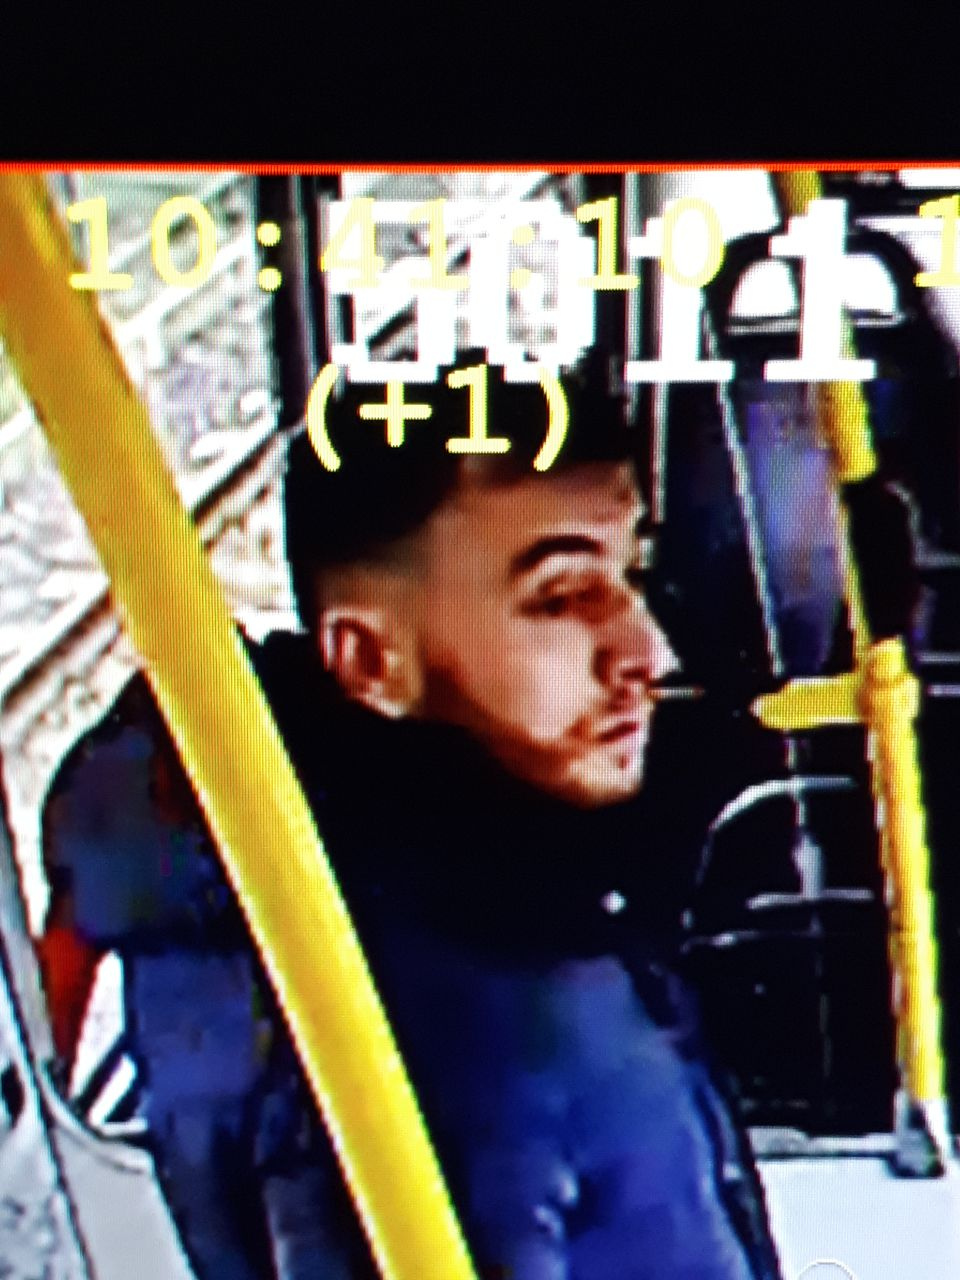 Politie zoekt mogelijke schutter van Schietpartij in Utrecht waar 3 Doden en 9 gewonden zijn Gevallen